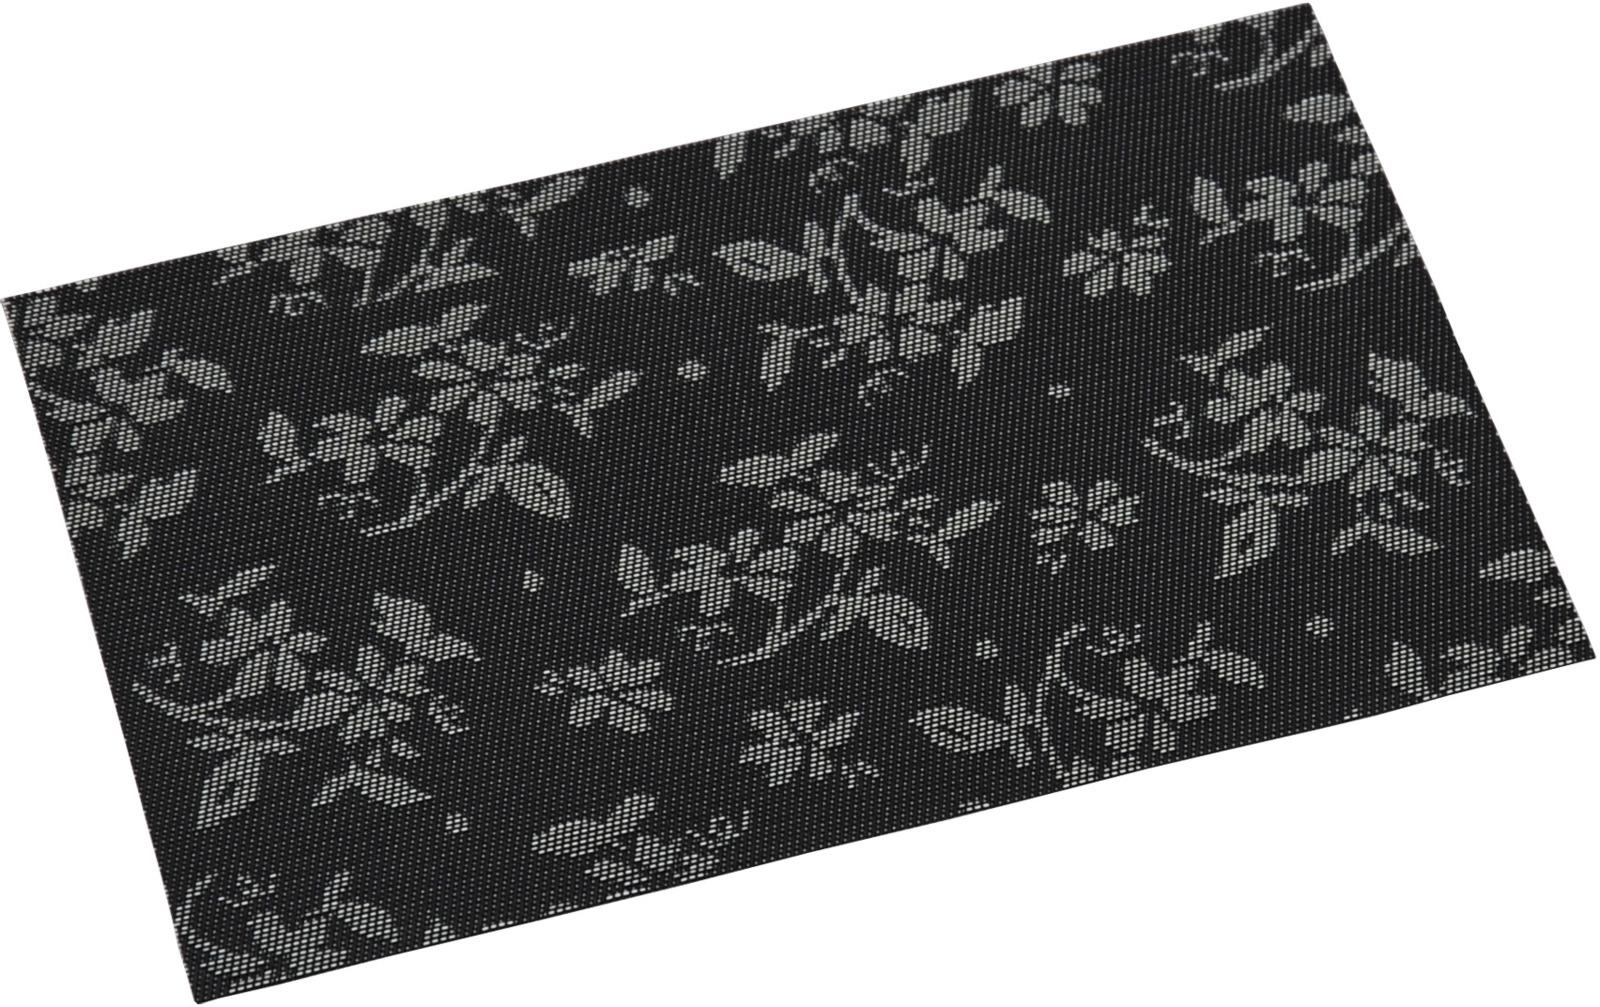 Подставка под горячее Kesper, 7766-0, черный, 43 х 29 см недорго, оригинальная цена